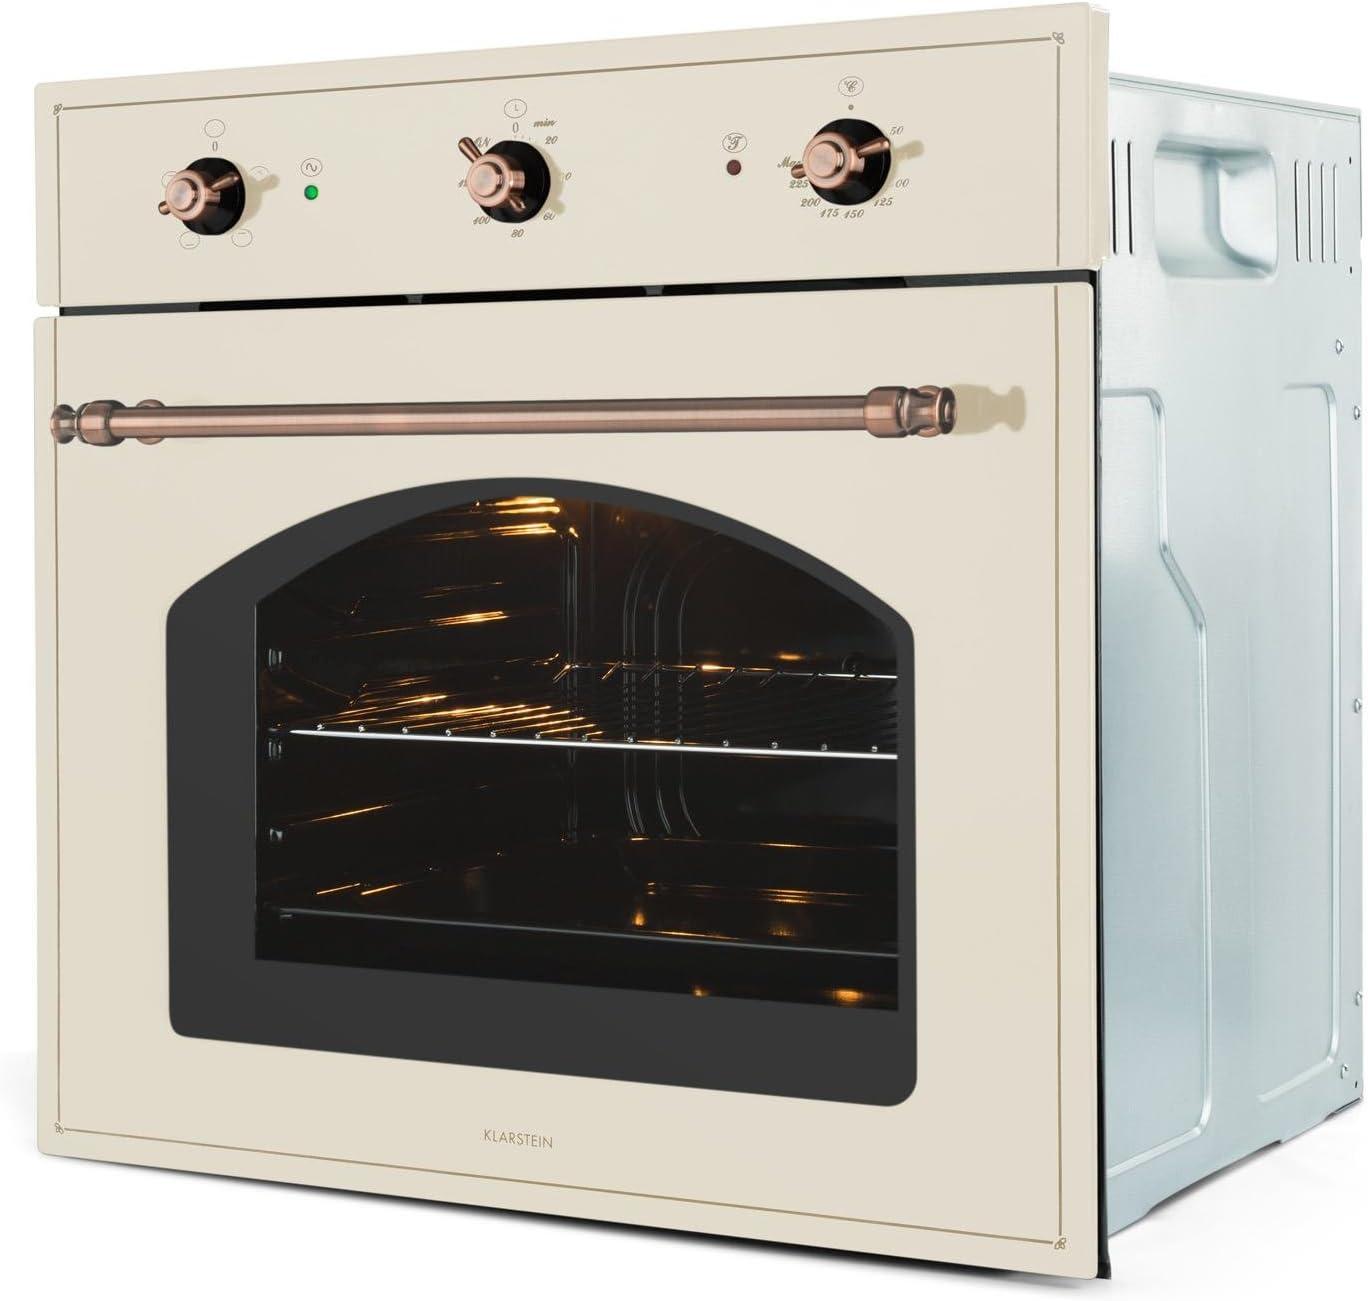 KLARSTEIN Vilhelmine Four encastrable Blanc 55L, Classe /énerg/étique A, Look Old School, jusqu/à 250/°C, minuterie r/églable jusqu/à 120min